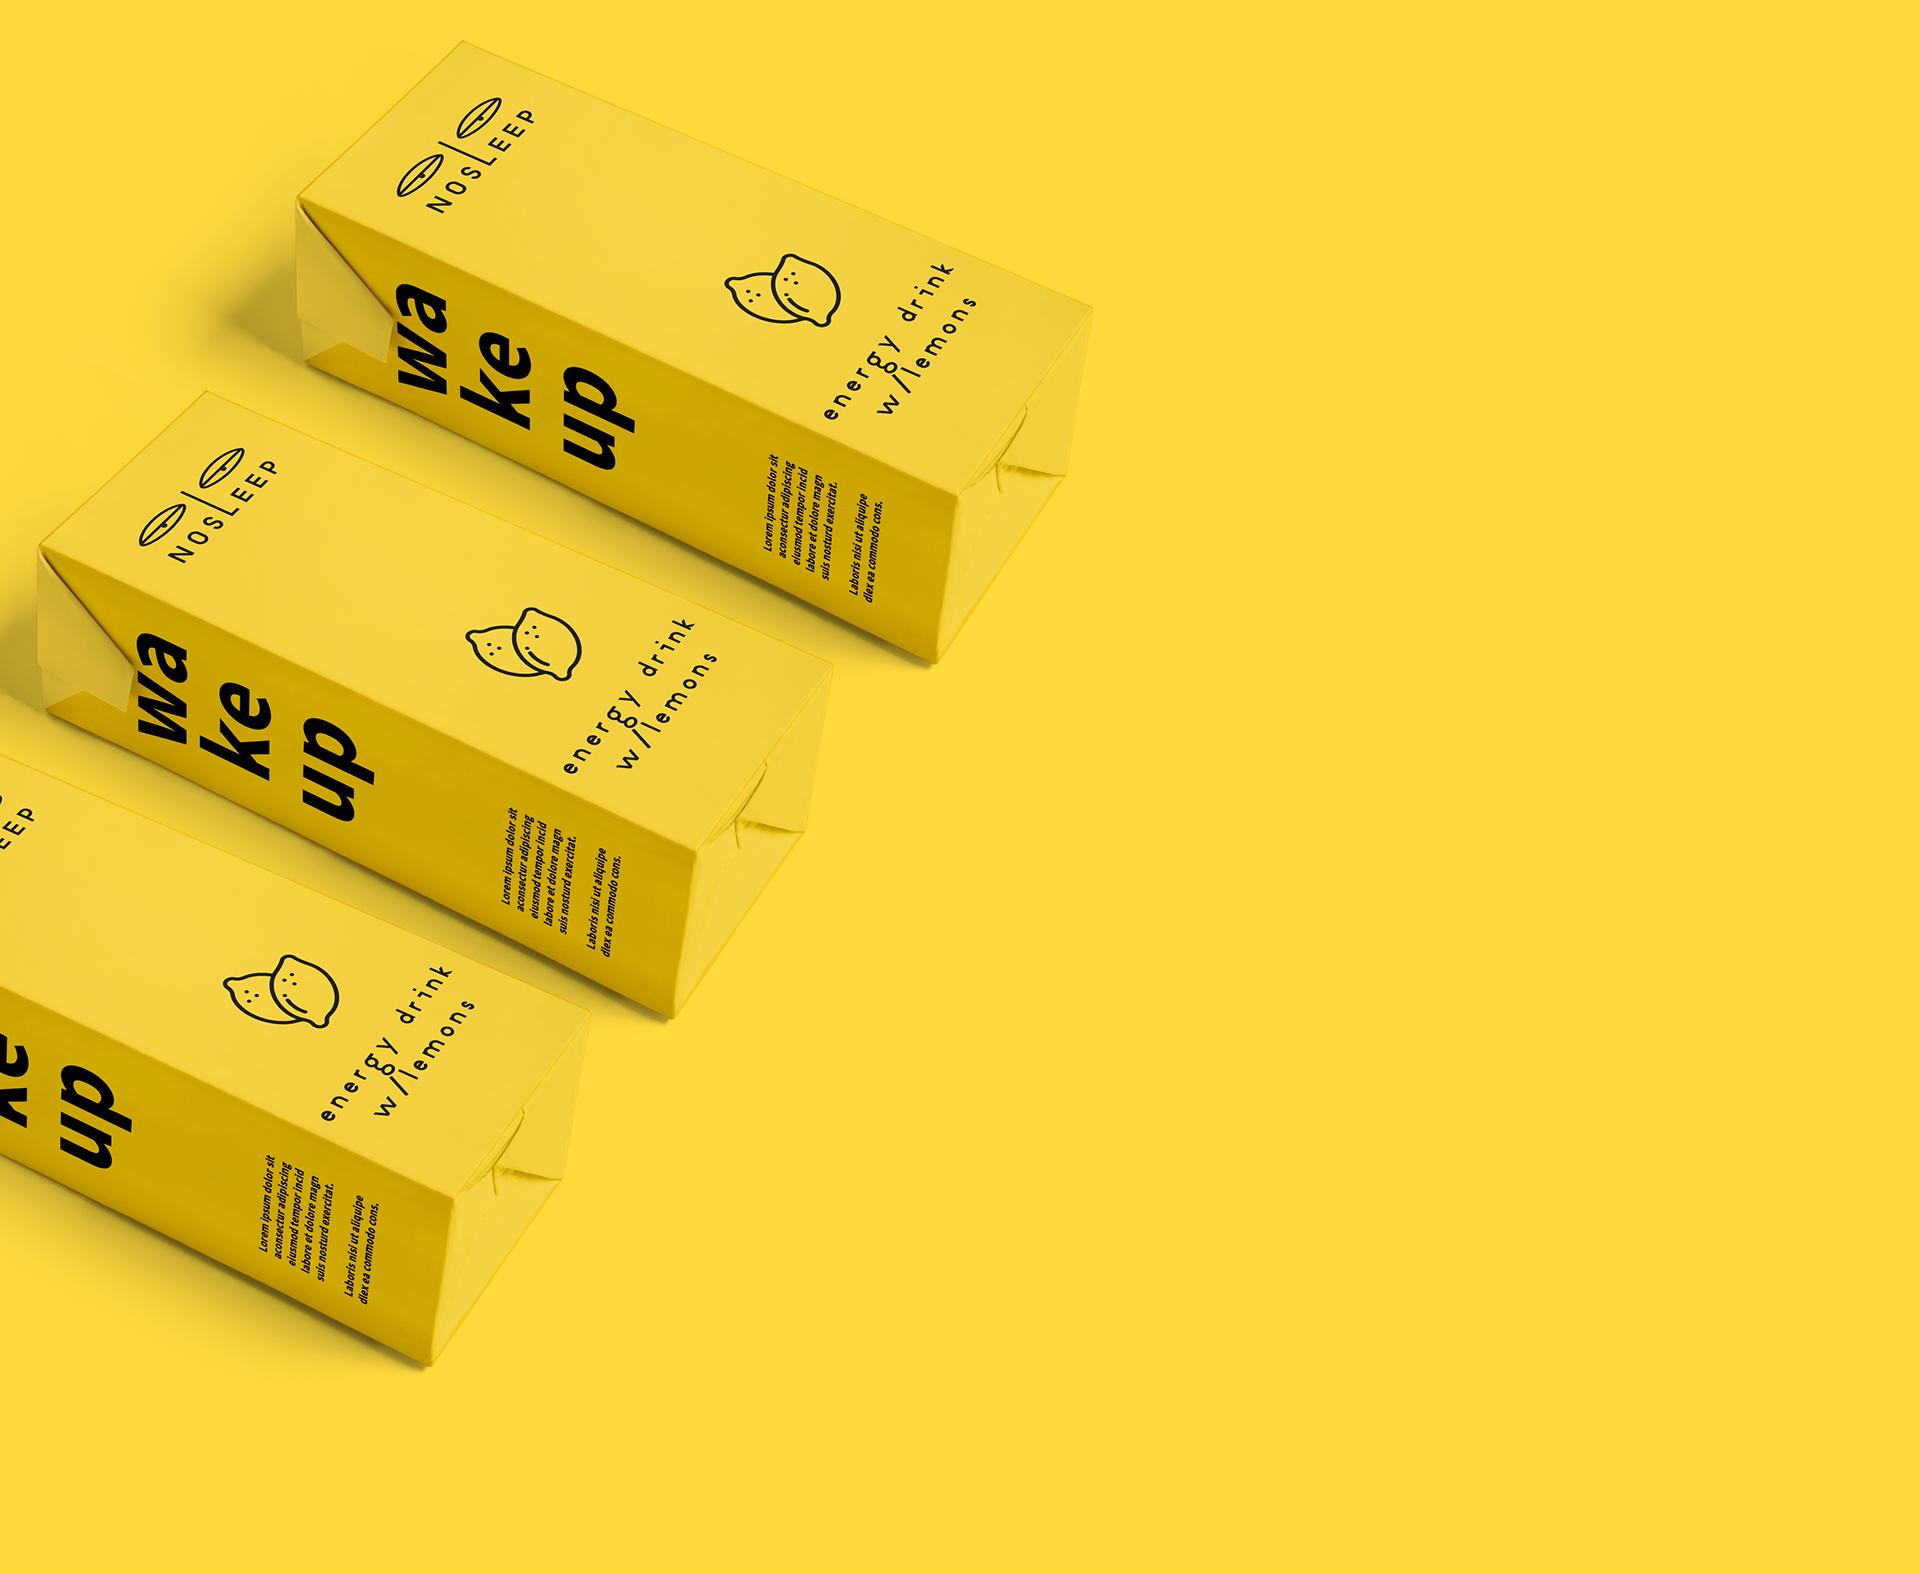 反差表情设计的NOSLEEP能量饮料包装